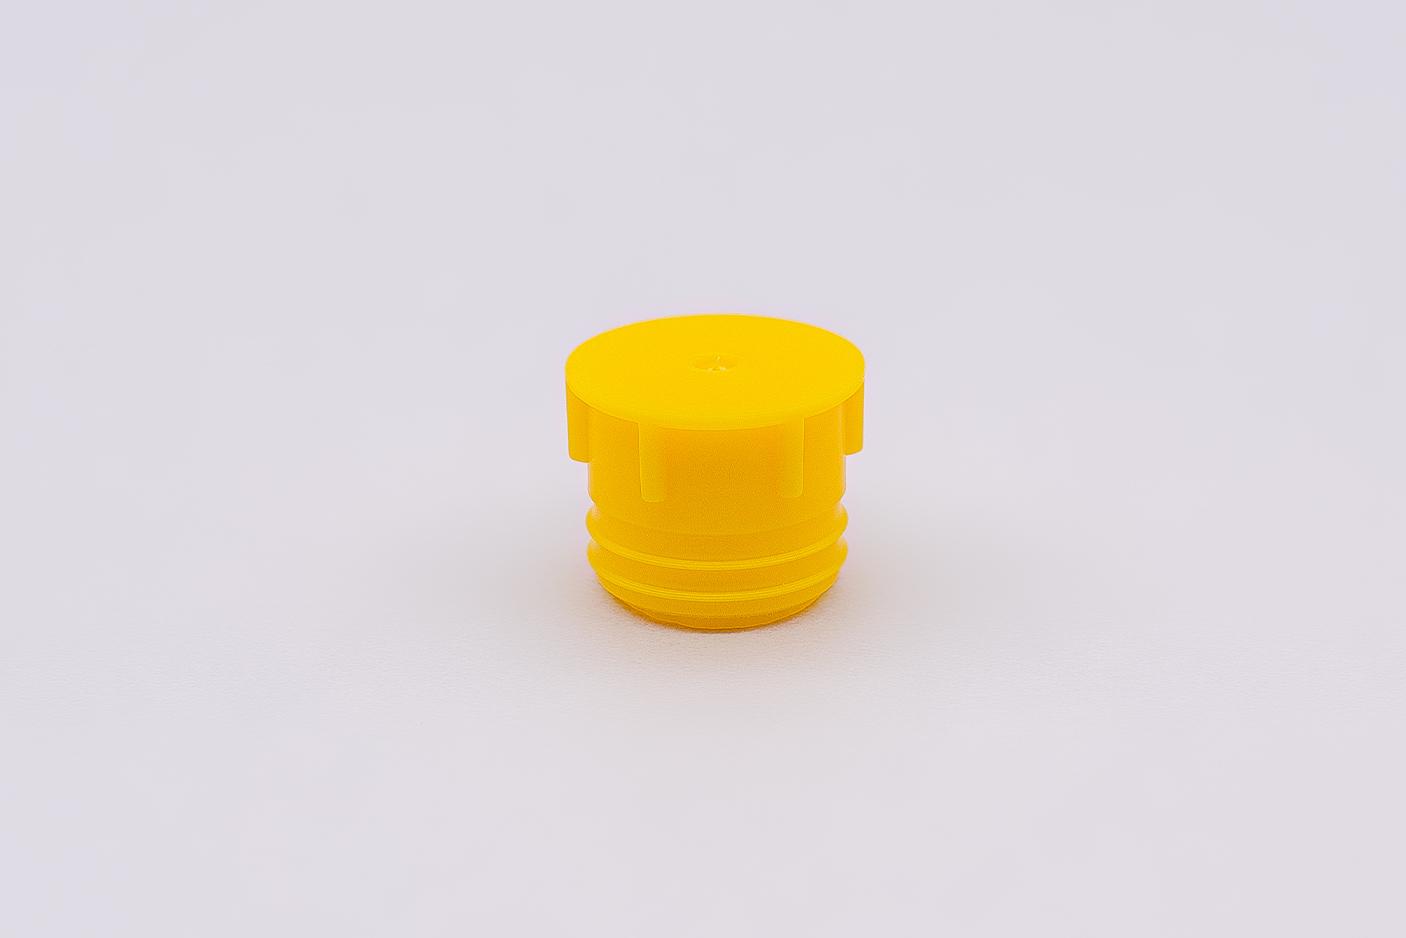 キャップ 再栓 プラスチック 試験管用 採血管用 スピッツ用